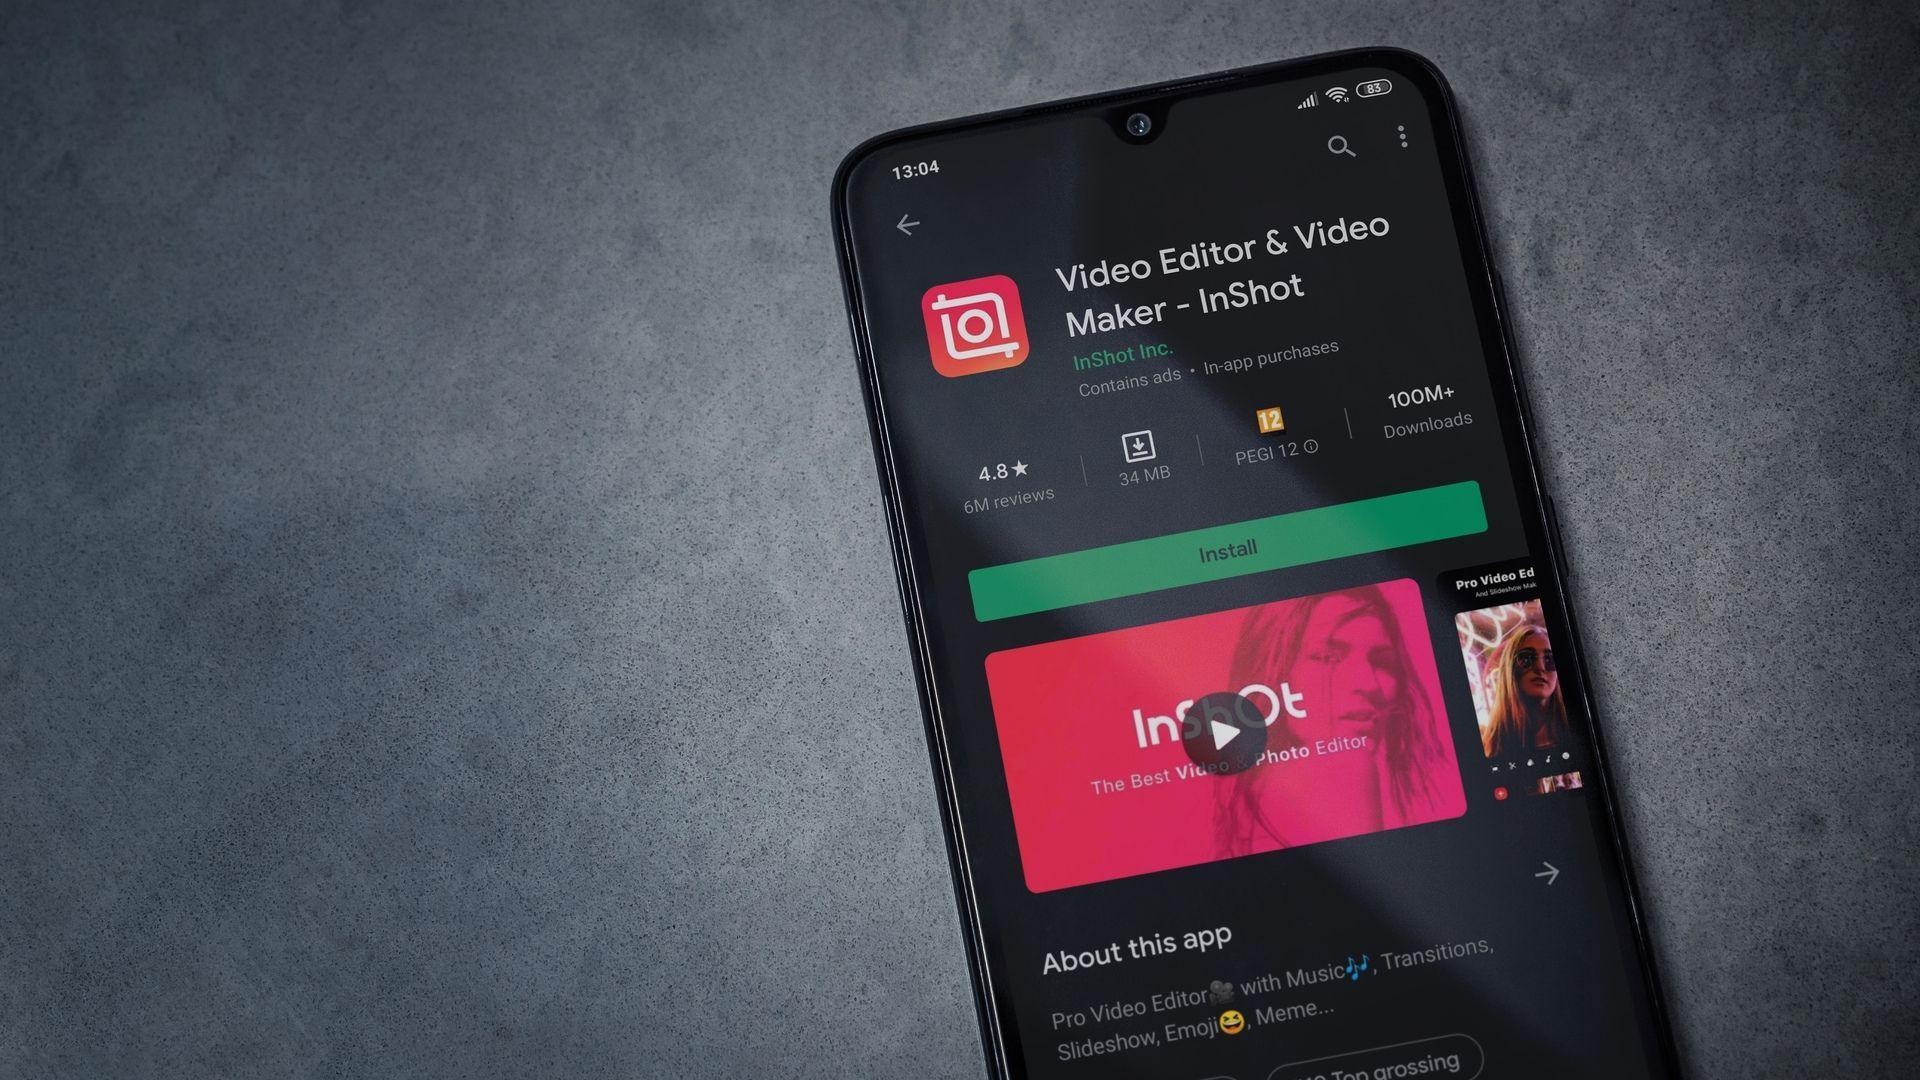 Saiba como editar vídeo no celular com os melhores aplicativos! (Foto: Maor_Winetrob / Shutterstock.com)